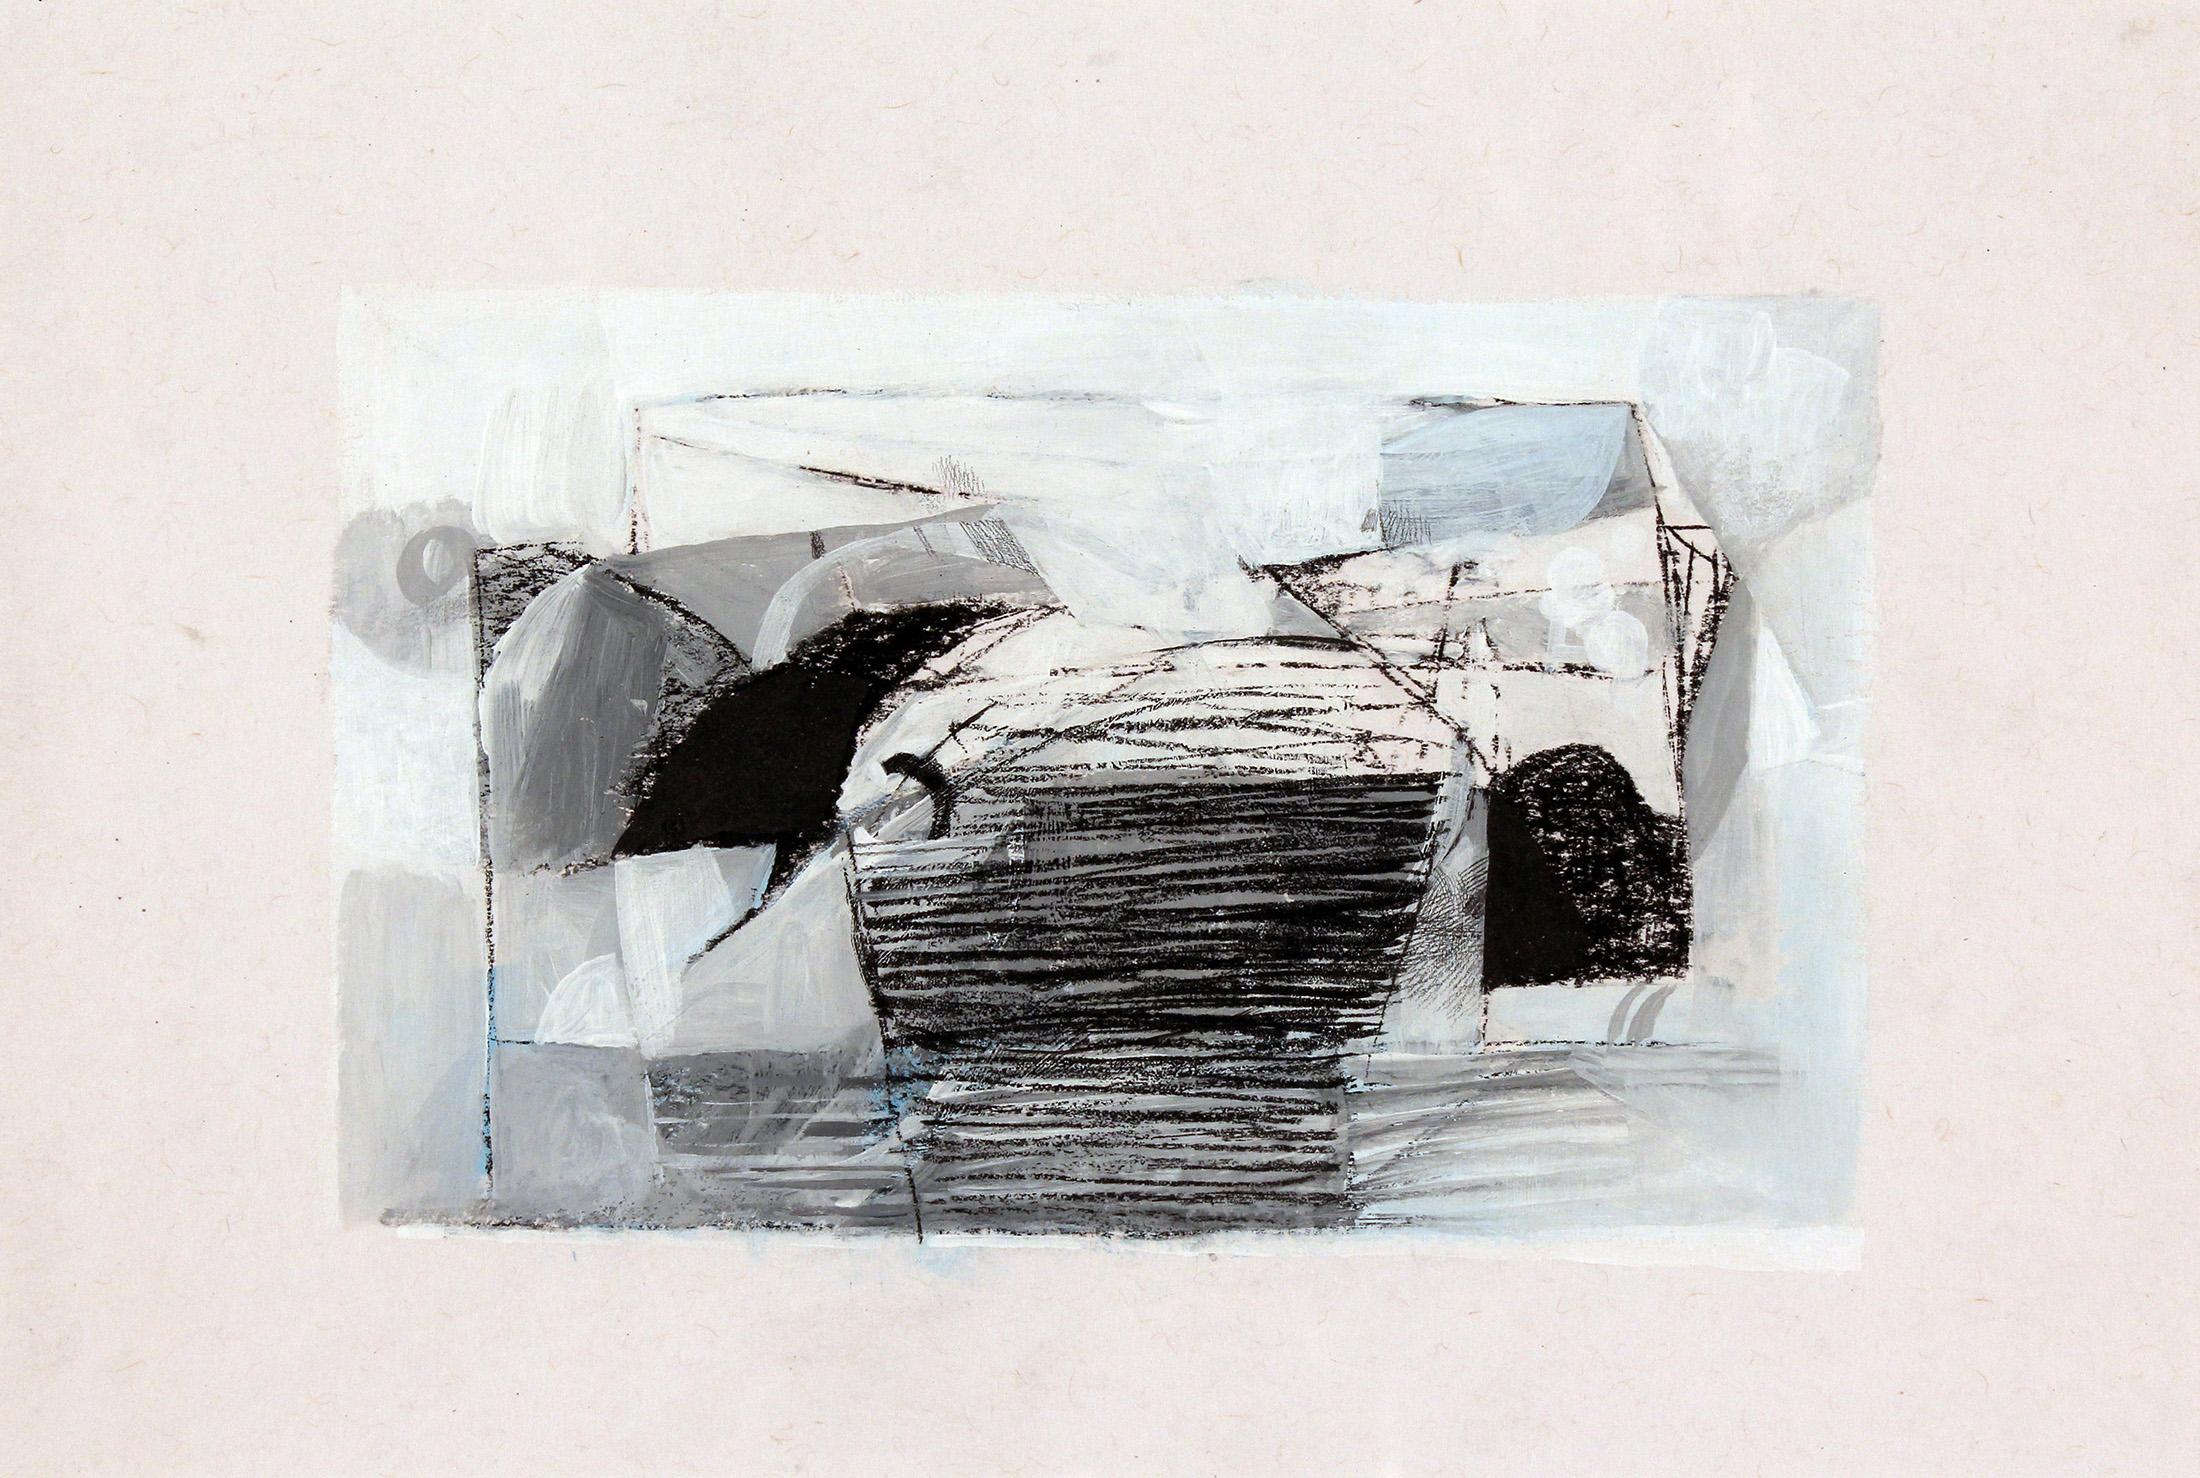 Sem título, 2015. Carvão, grafite e acrílico sobre papel, 21,4 x 29,9 cm